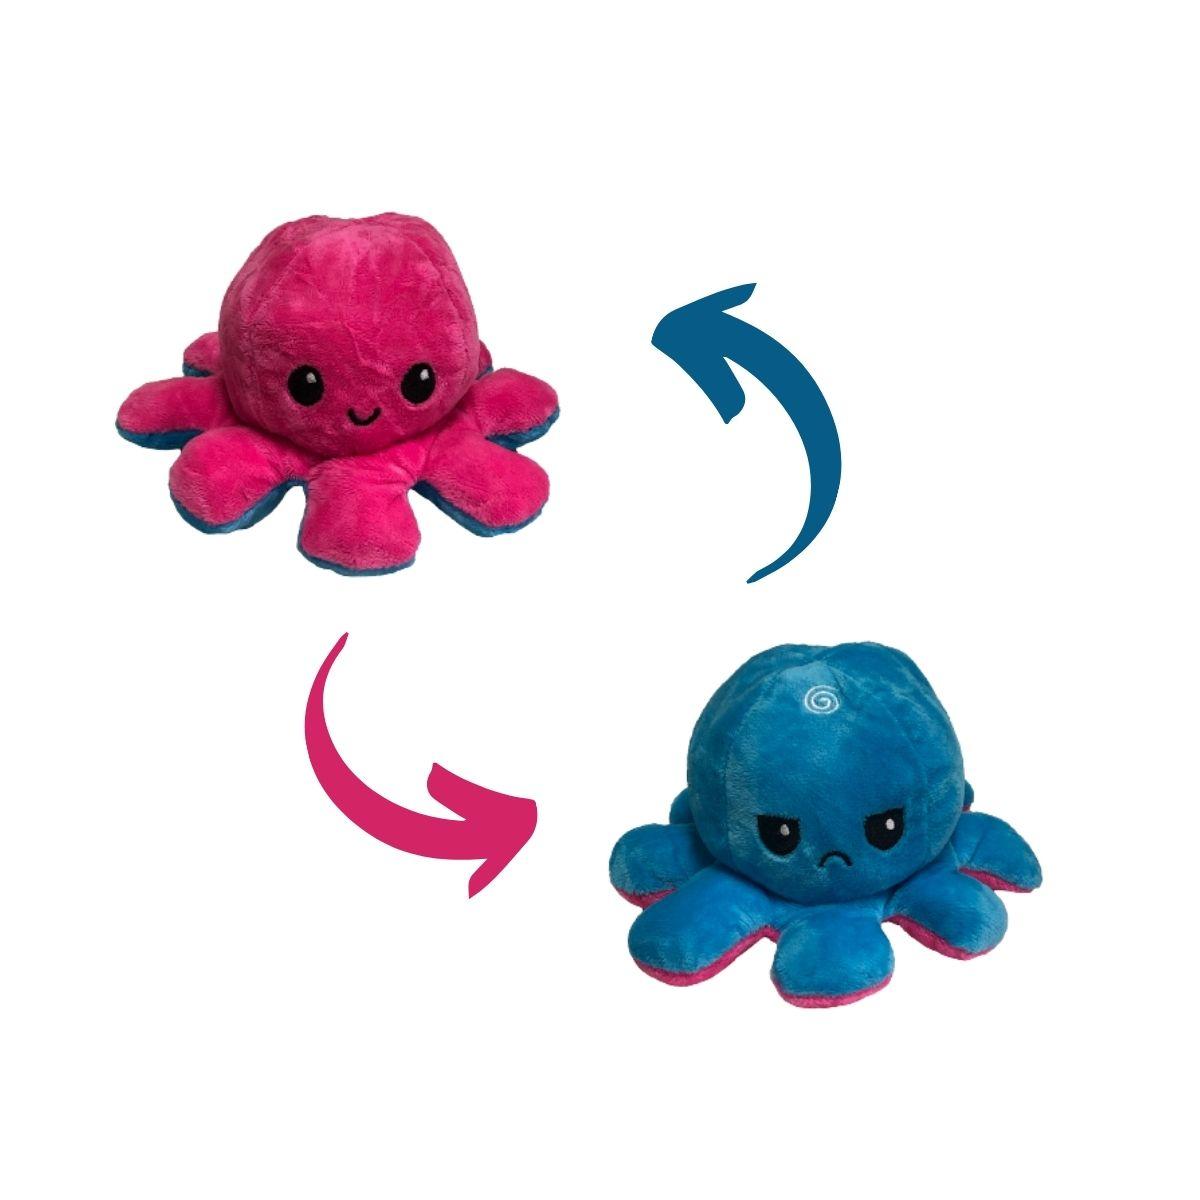 Polvo do Humor Reversível de Pelúcia para Crianças 17x12cm Pink e Azul